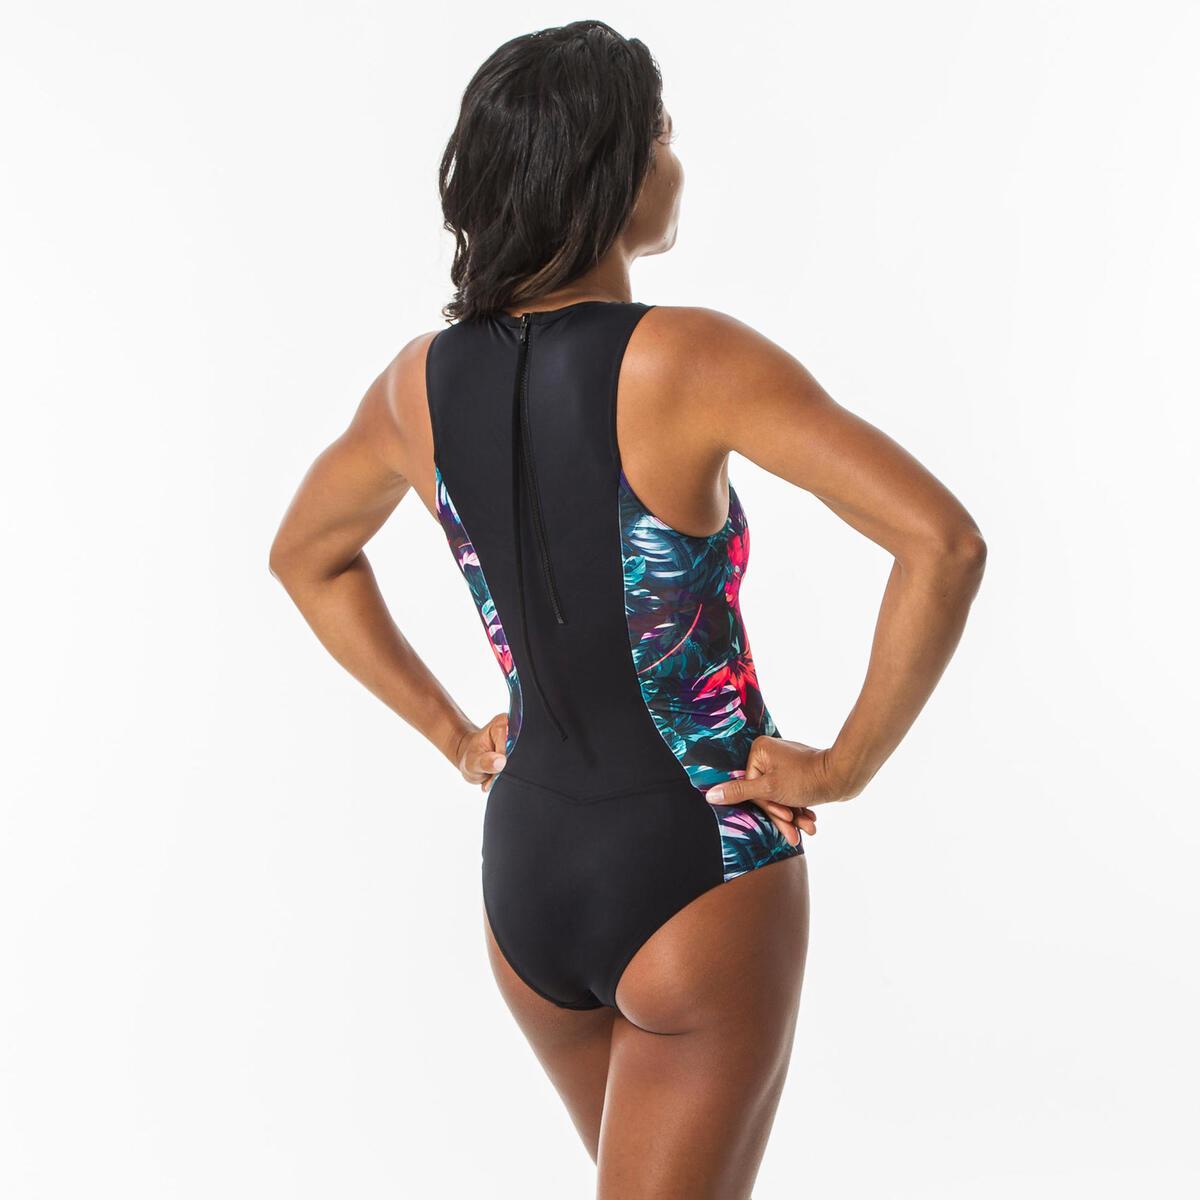 Bild 5 von Badeanzug Carla Foamy bedeckende Form mit Back Zip Damen